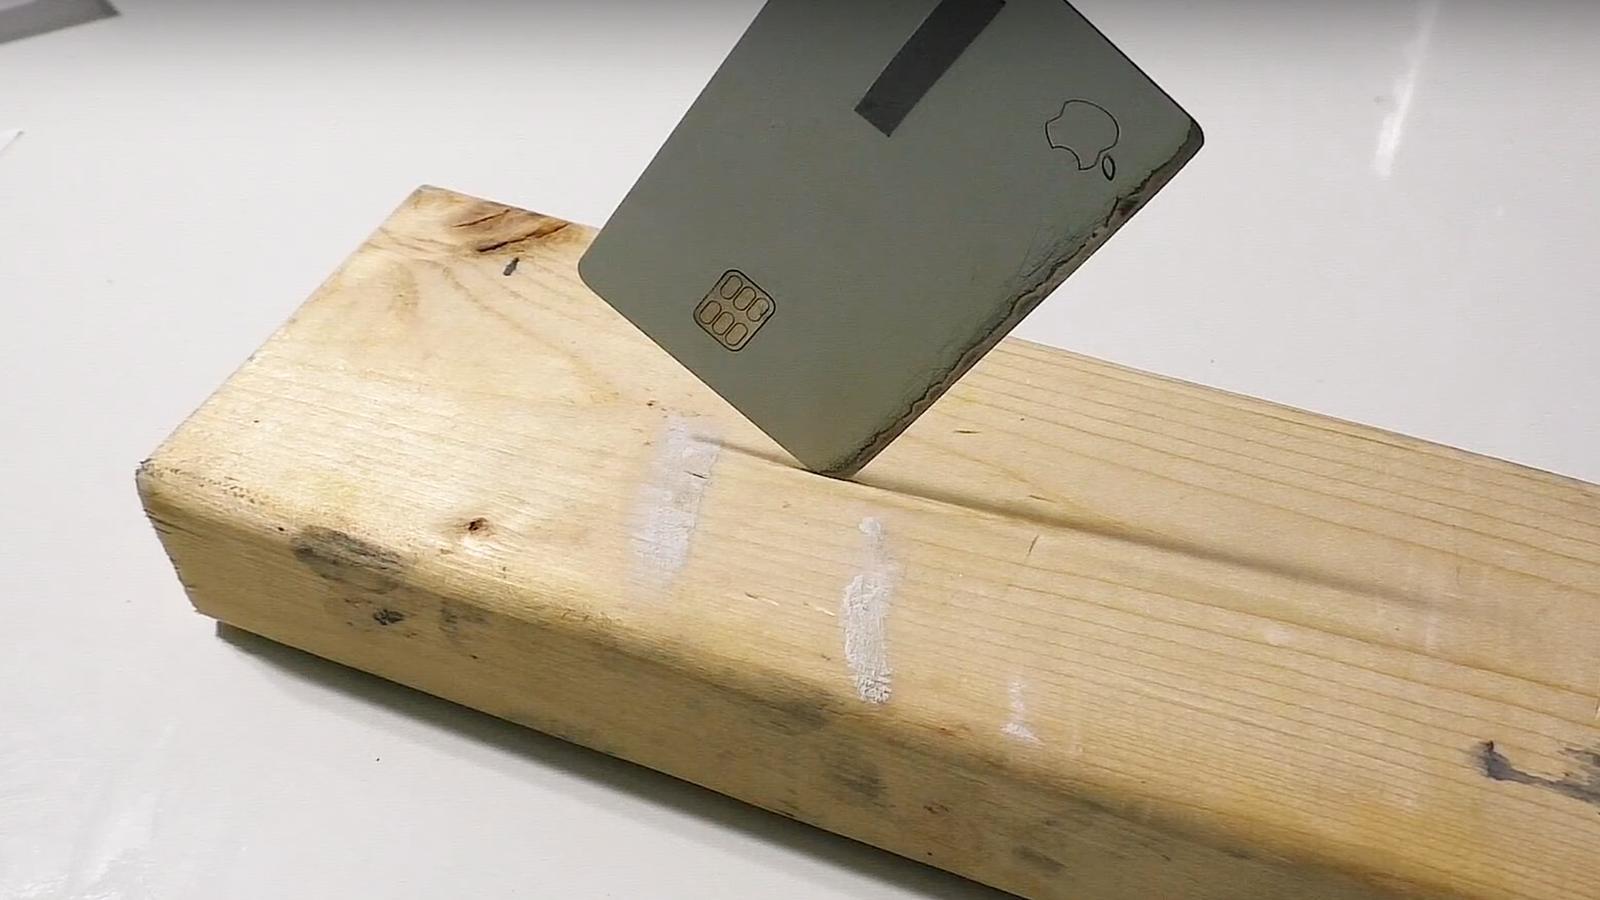 Apple Card Also an Apple Knife